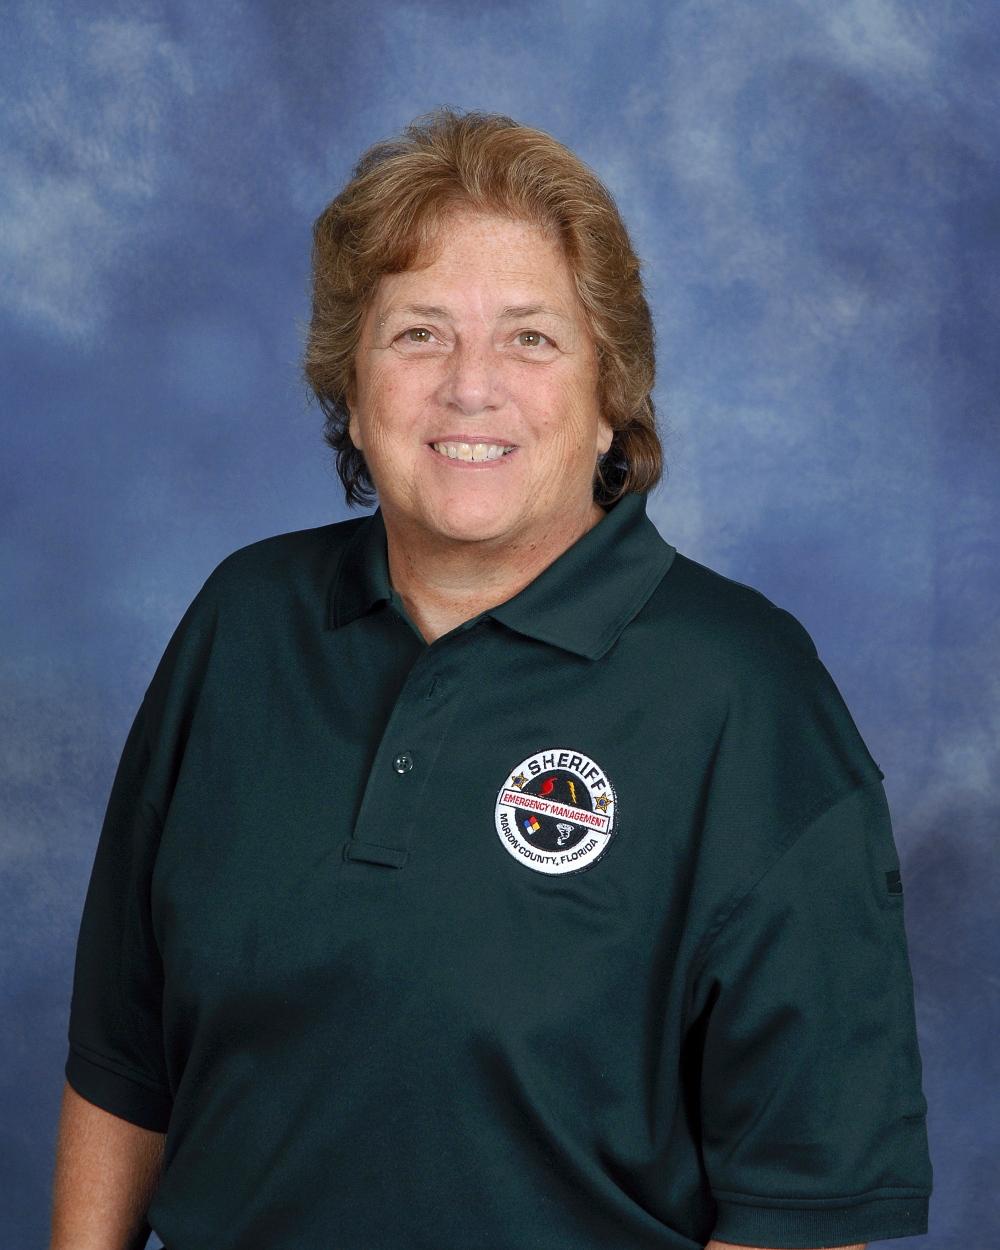 Pat Stefanski Special Needs Coordinator            352-369-8136  pstefanski@marionso.com